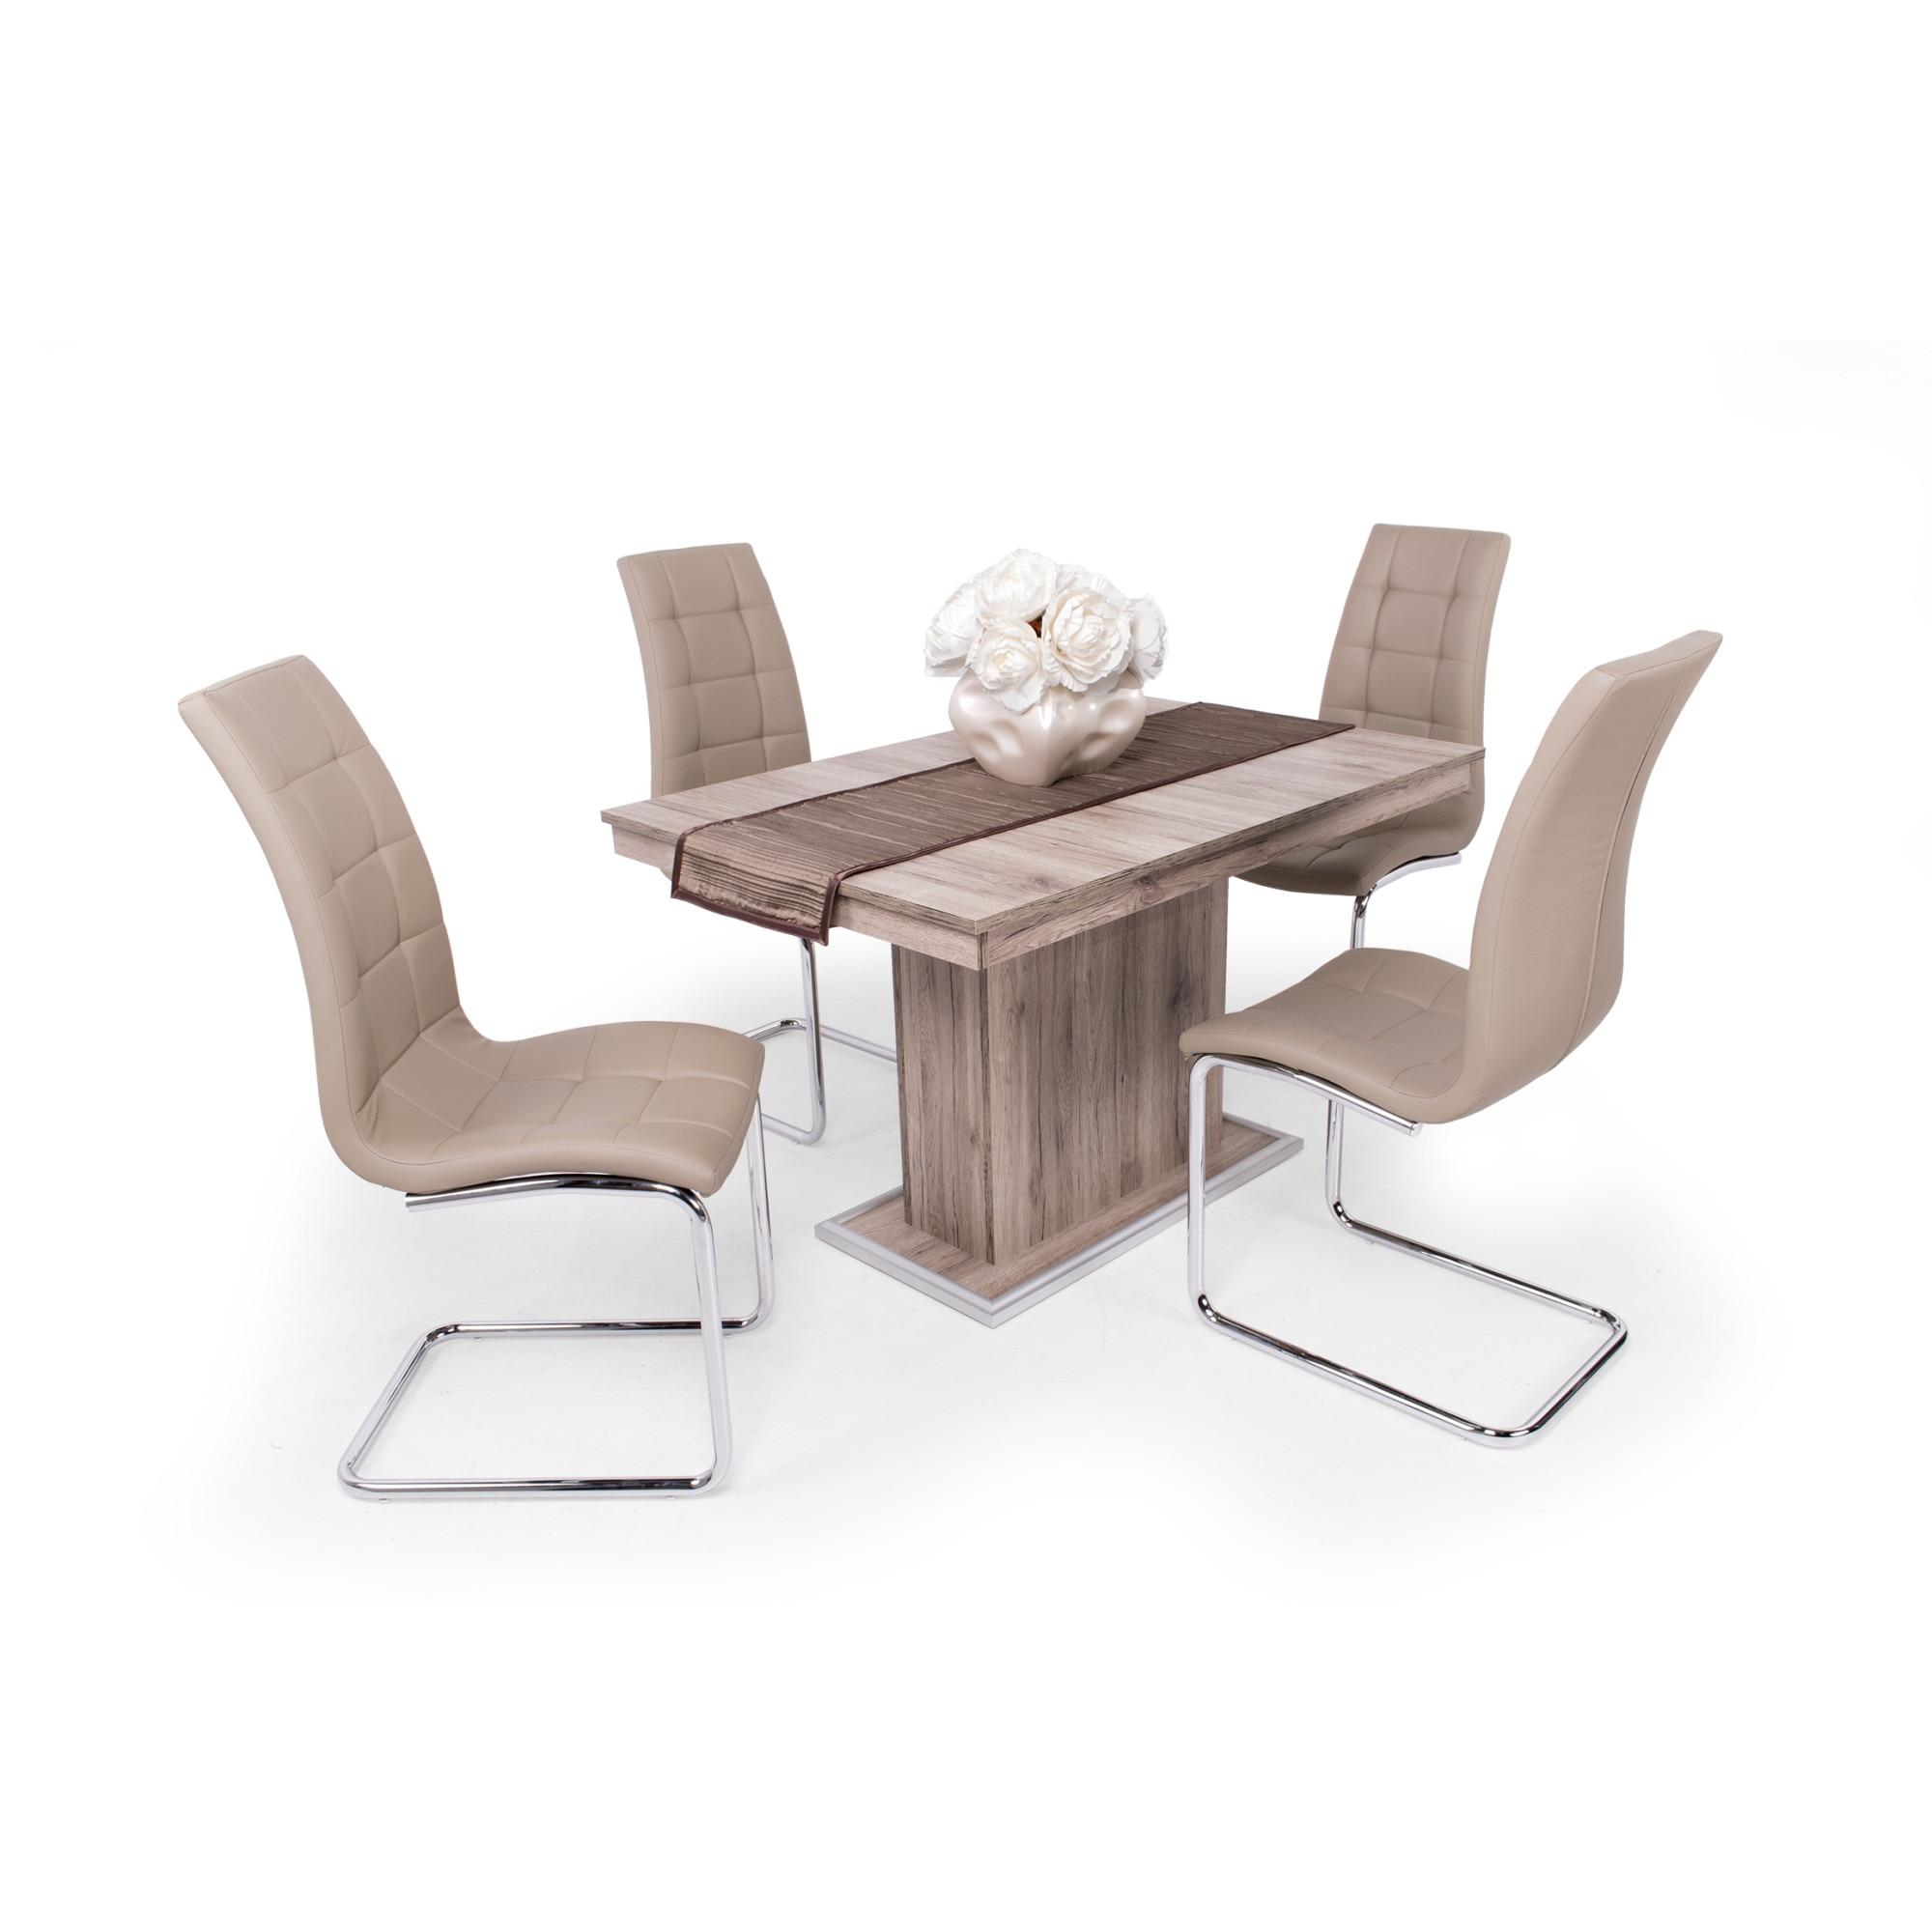 Emma étkezőgarnitúra Flóra asztallal 4 személyes